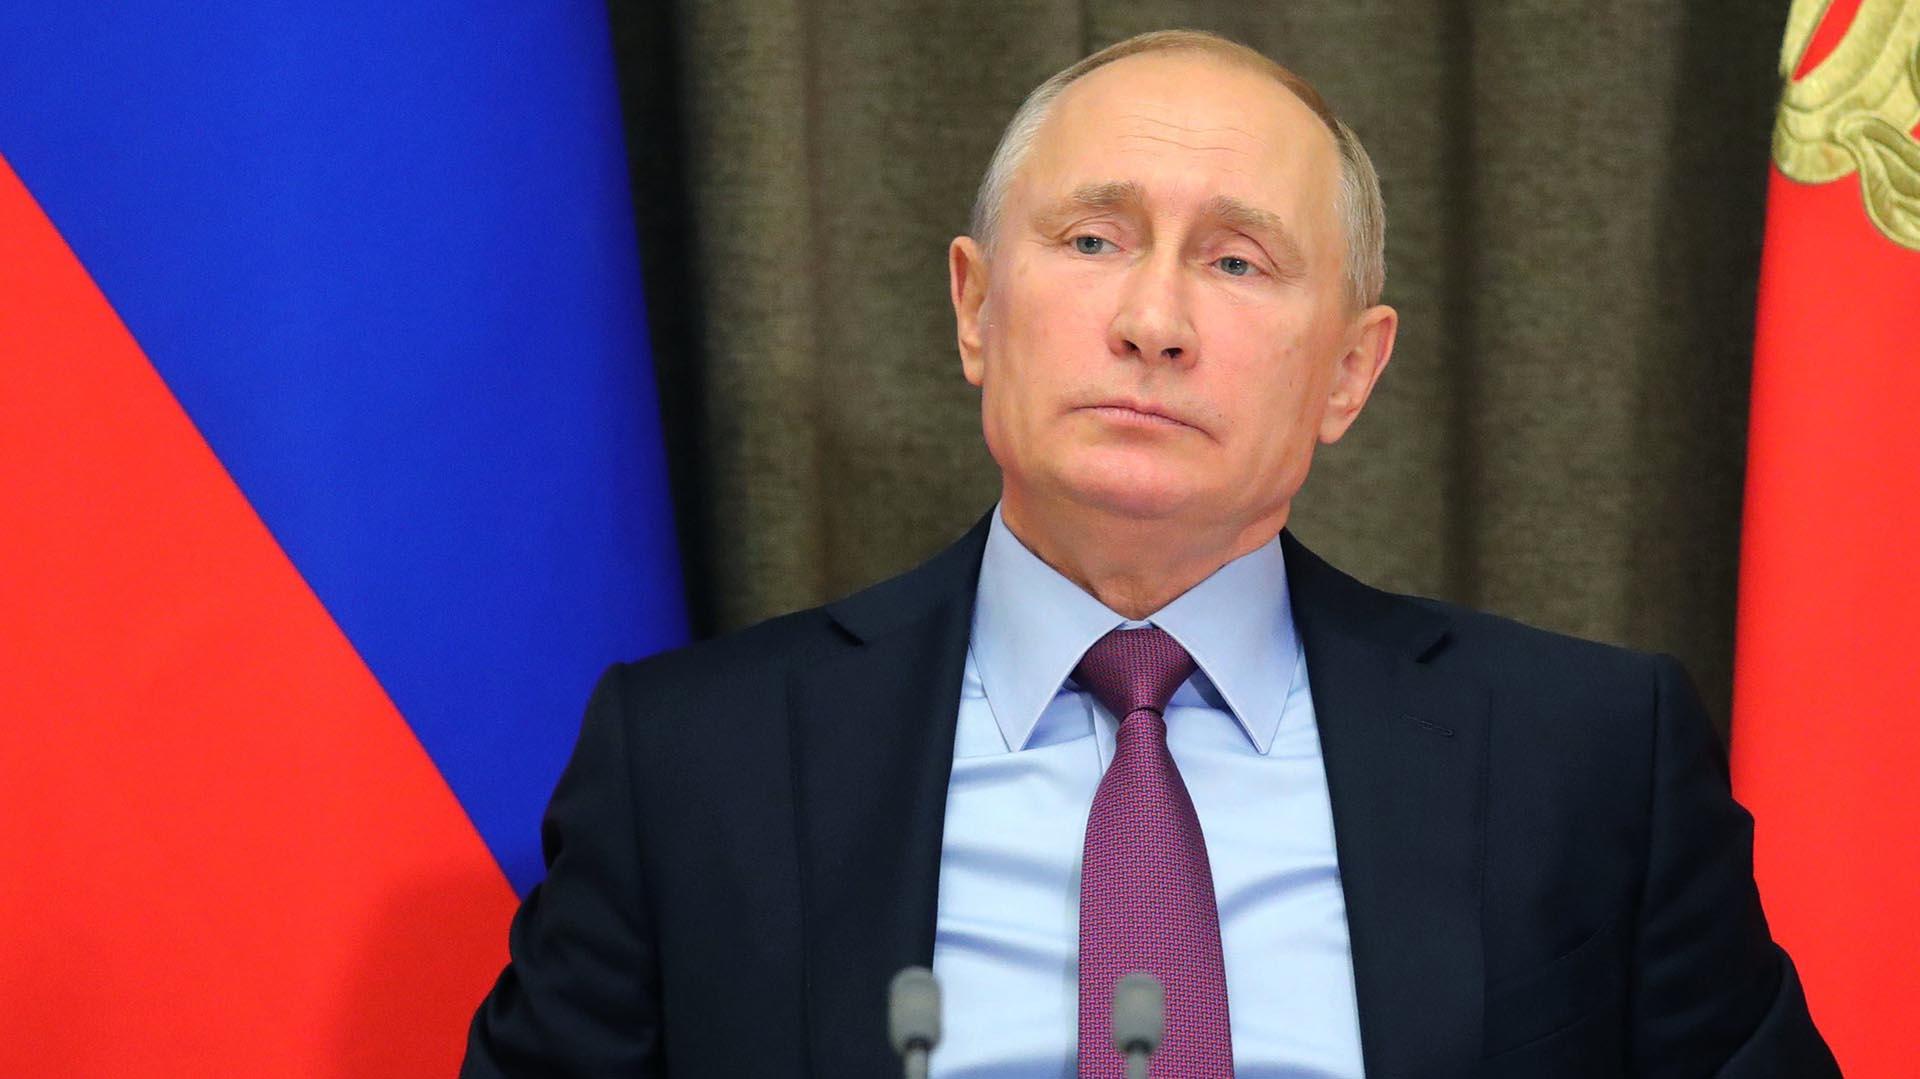 El presidente ruso, Vladímir Putin,estuvo personalmente a cargo de la operación contra las elecciones en EE.UU., según Malcolm Nance.(EFE/Michael Klimentyev/Sputnik).